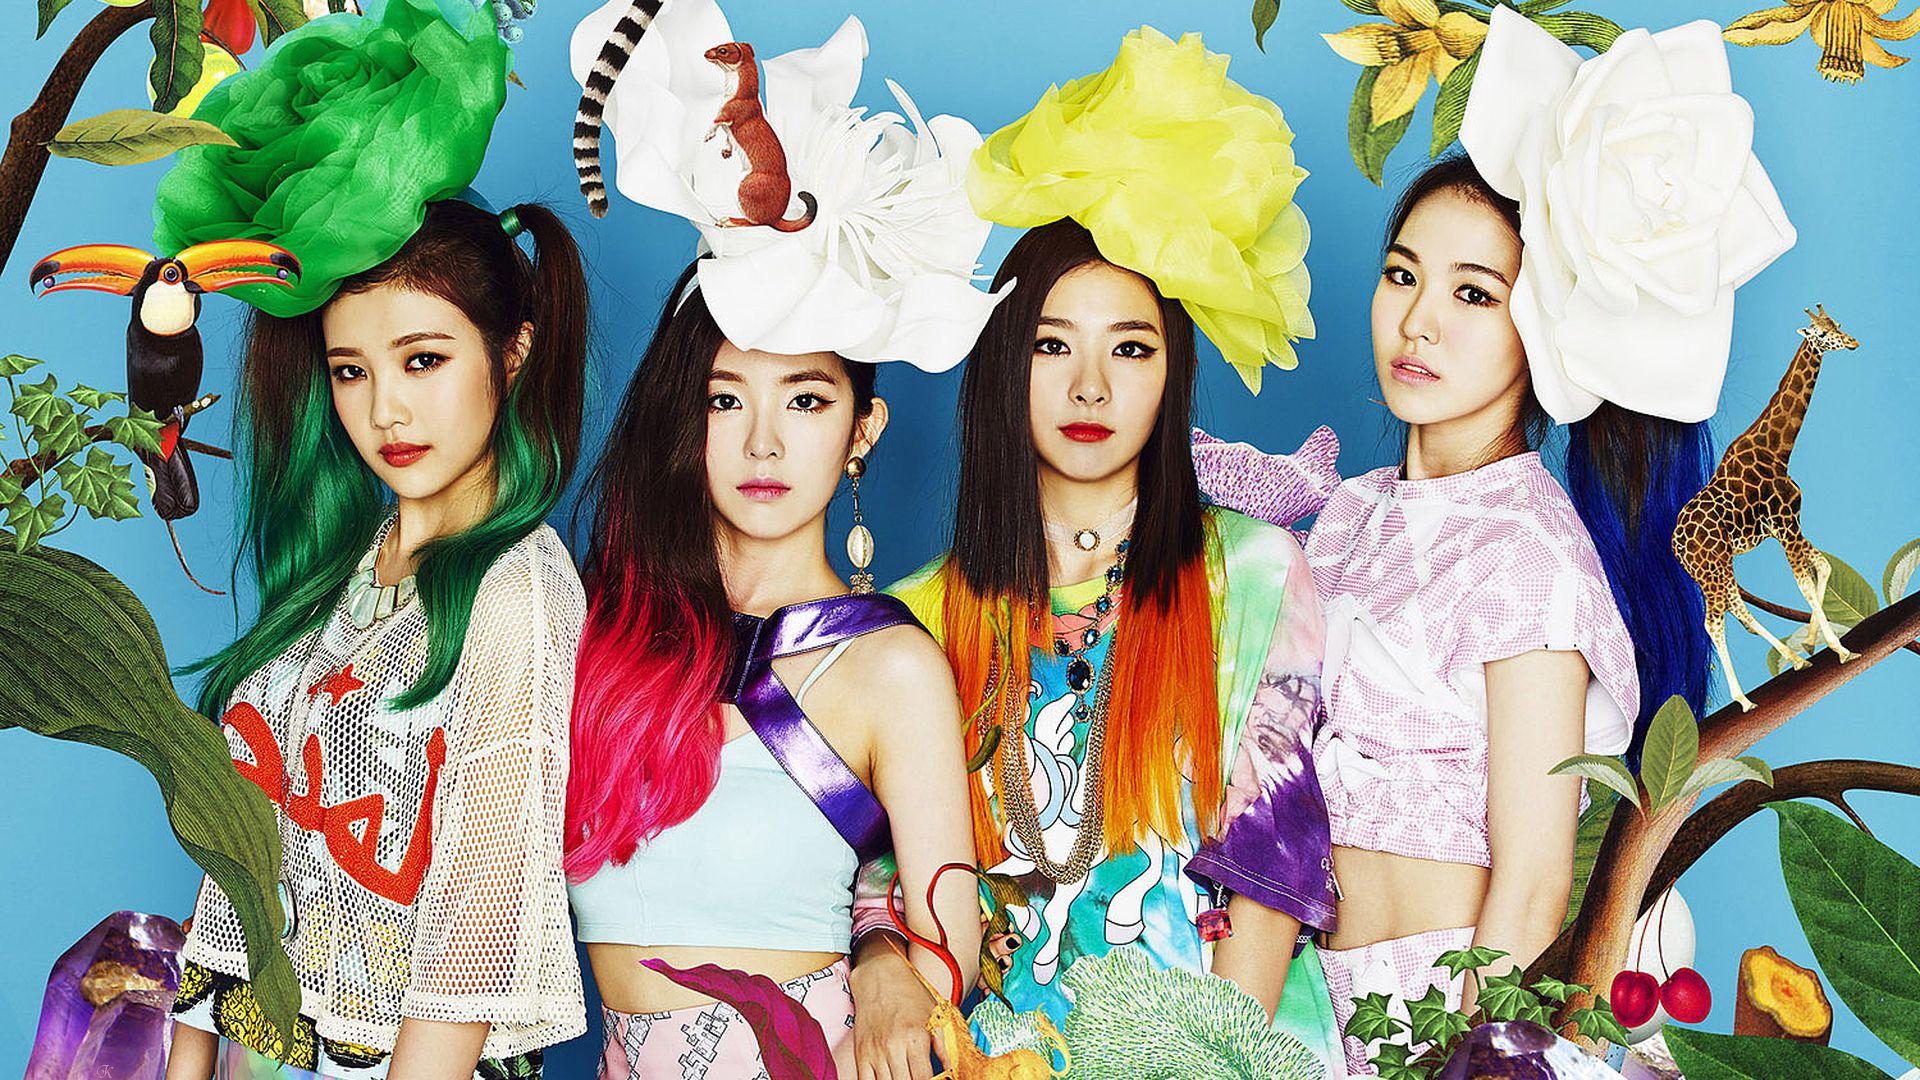 Desktop Wallpaper Red Velvet 레드벨벳 Wallpaper K Pop Girls Full